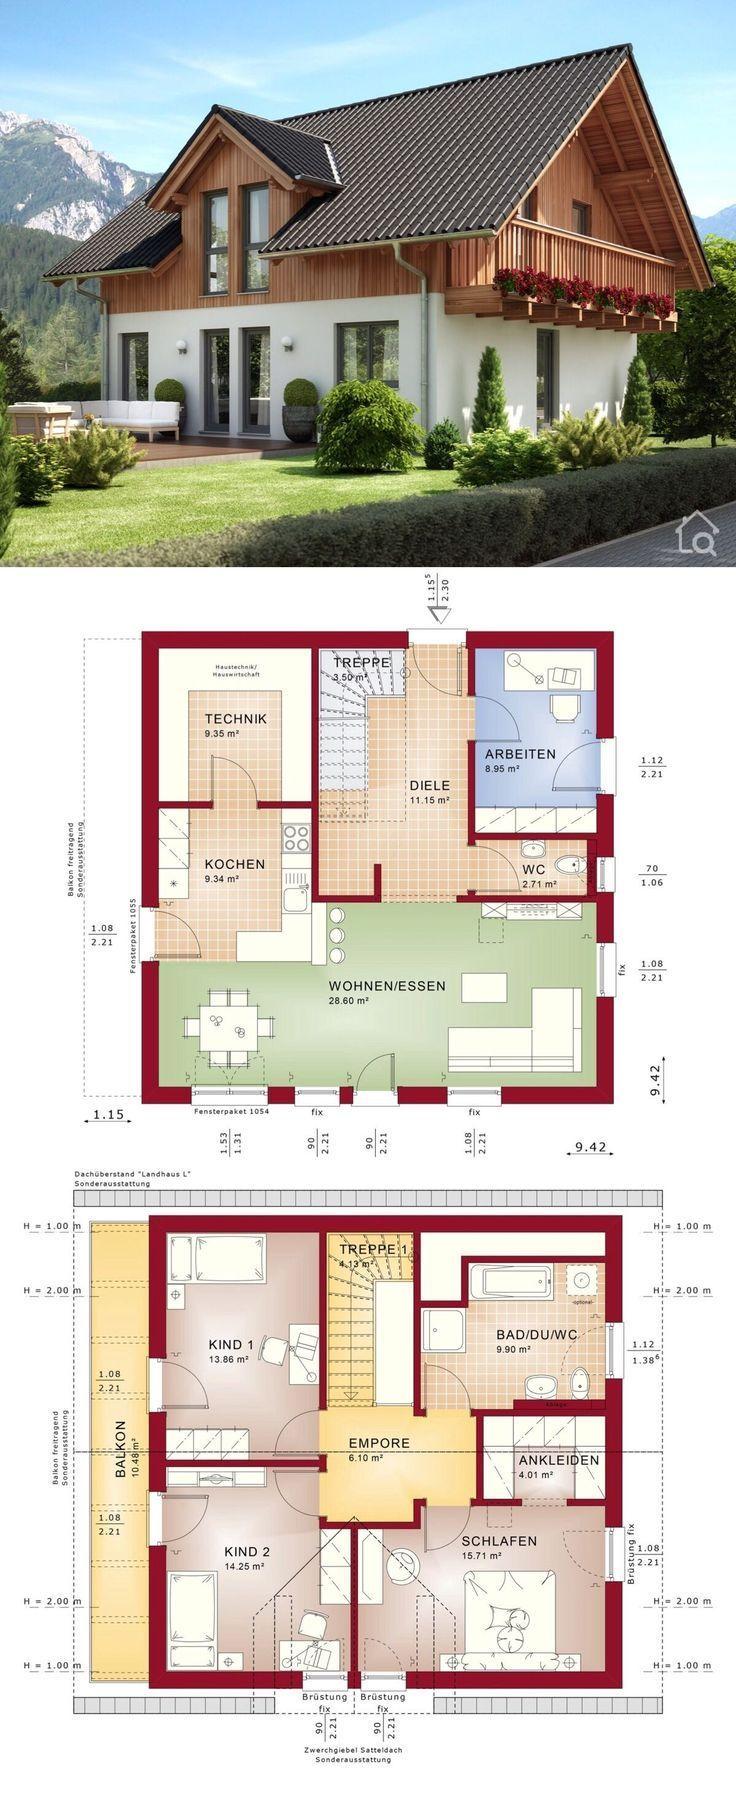 Modernes Landhaus im Alpenstil, Einfamilienhaus Neubau mit Holz Putz Fassade & Satteldach Architektur, Grundriss offen mit Balkon – Haus bauen Ideen … – Regina Peláez